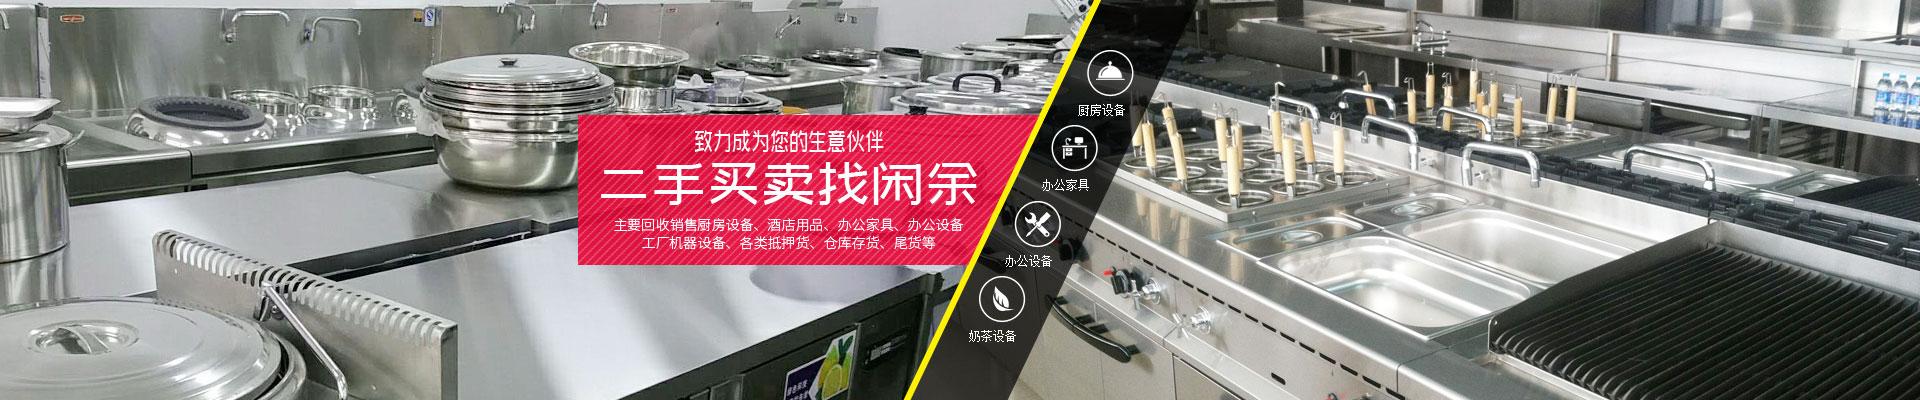 自贡办公设备回收